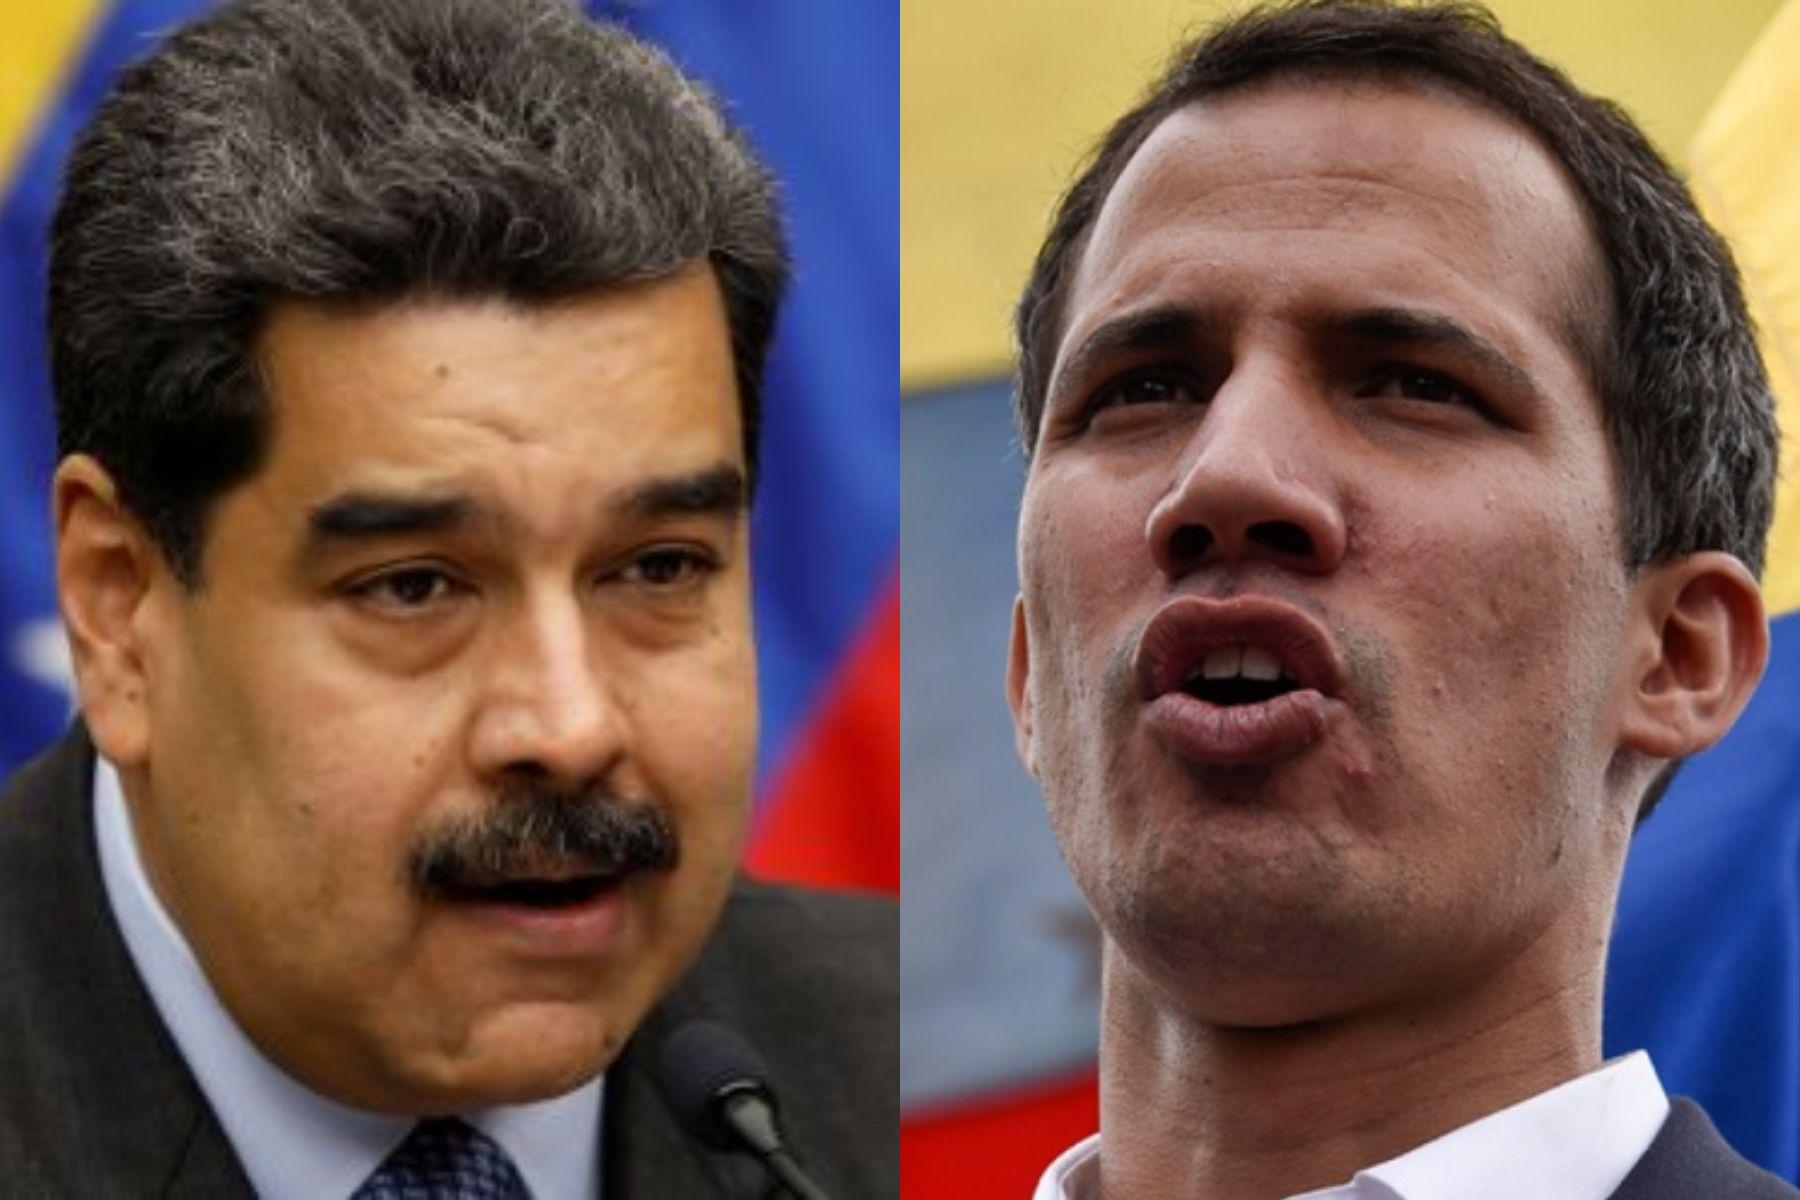 Venezuela: Estados Unidos acata orden de Maduro y retira diplomáticos mientras Guaidó ofrece amnistía